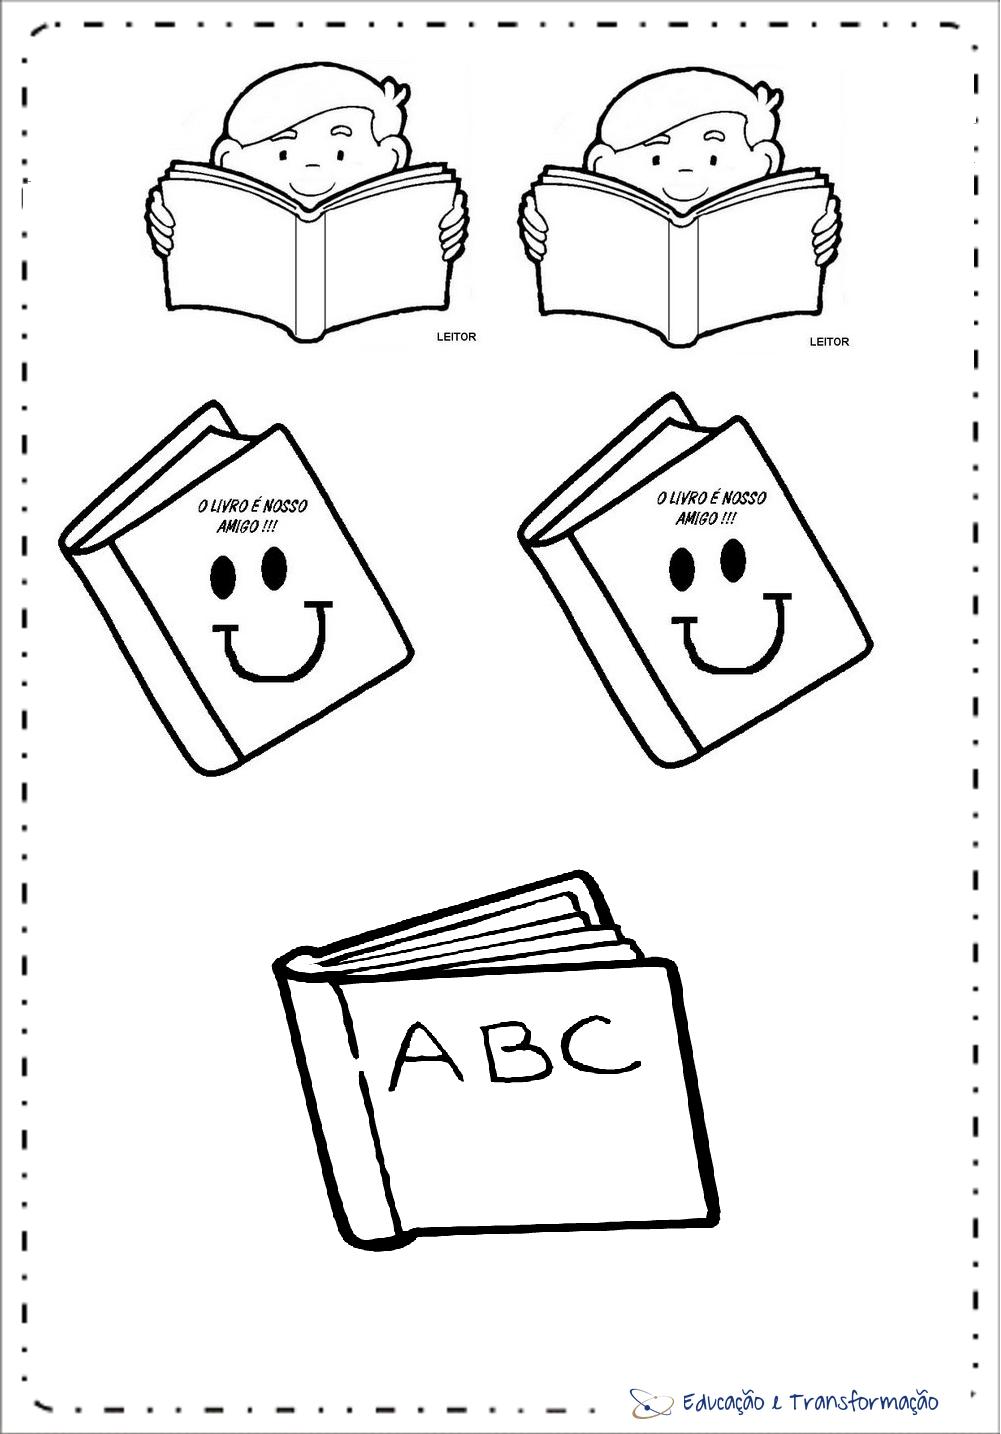 Lembrancinha Dia do Livro